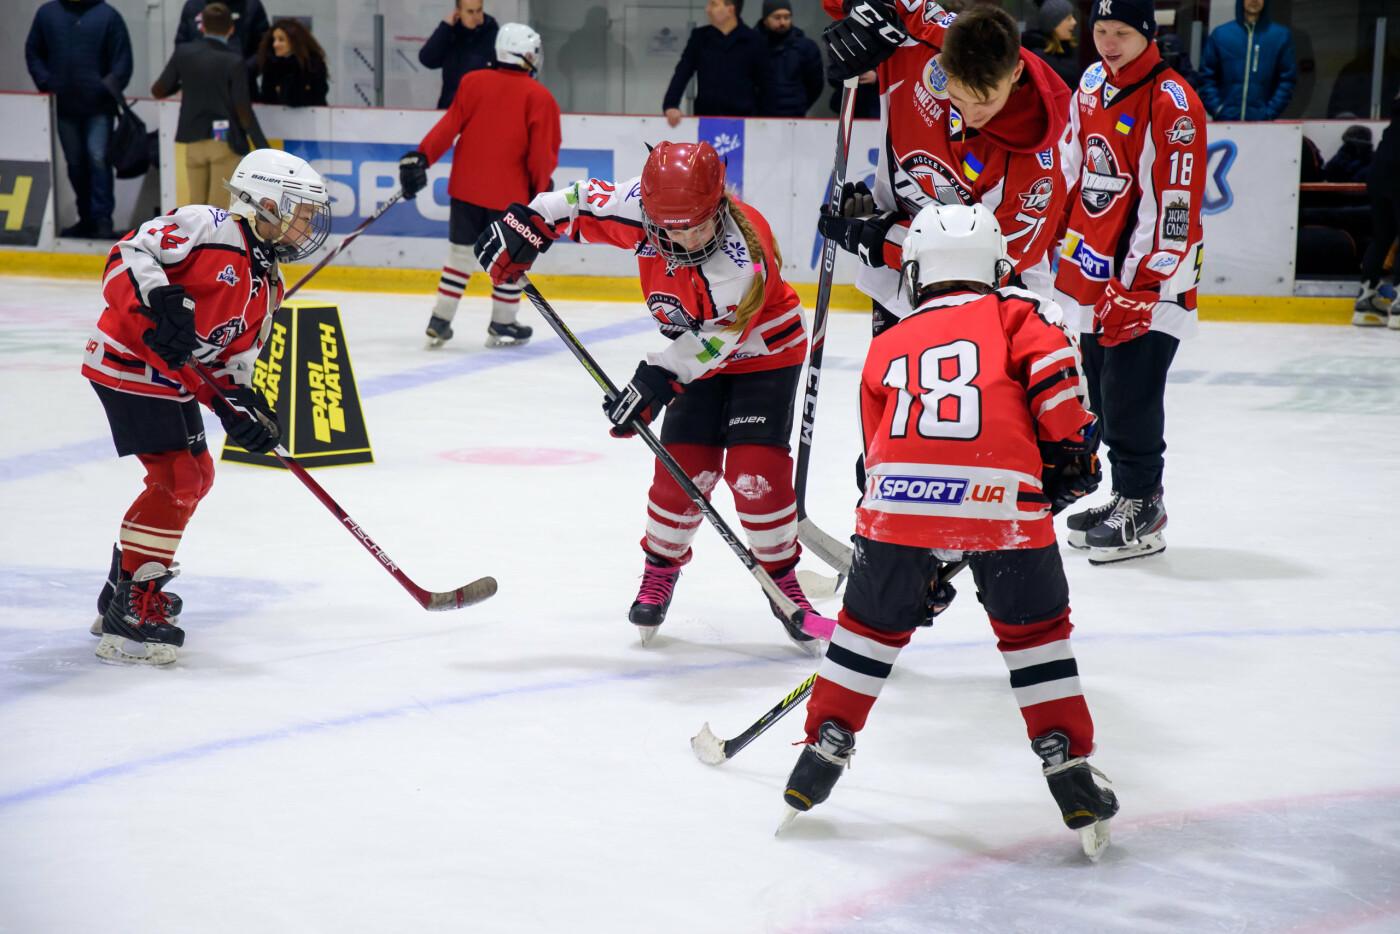 Дружковка: На ледовой арене «Альтаир» звёзды хоккея провели тренировку и мастер-классы для всех желающих (ФОТО), фото-4